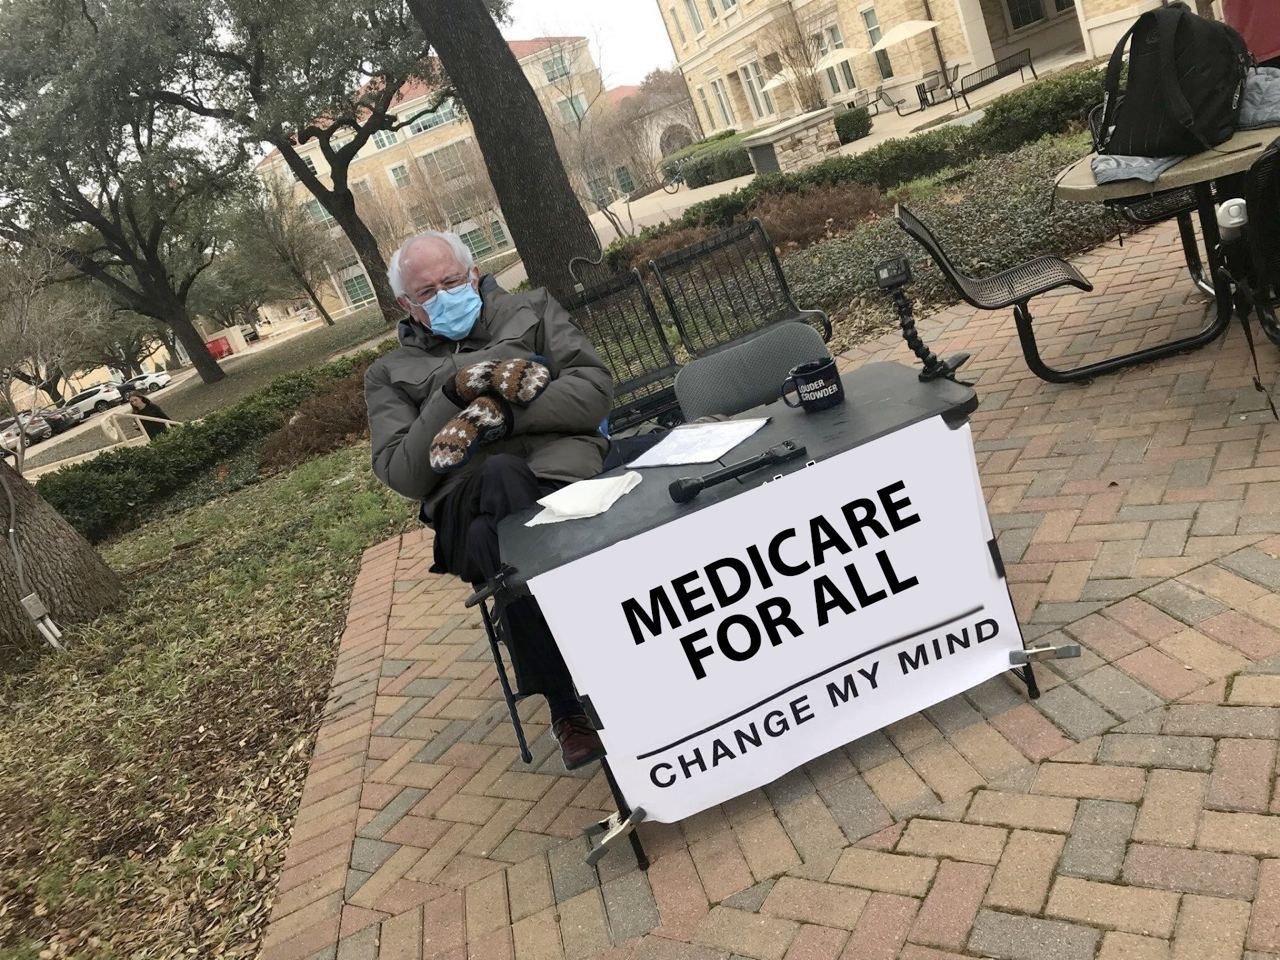 Medicare for all Bernie Sanders meme